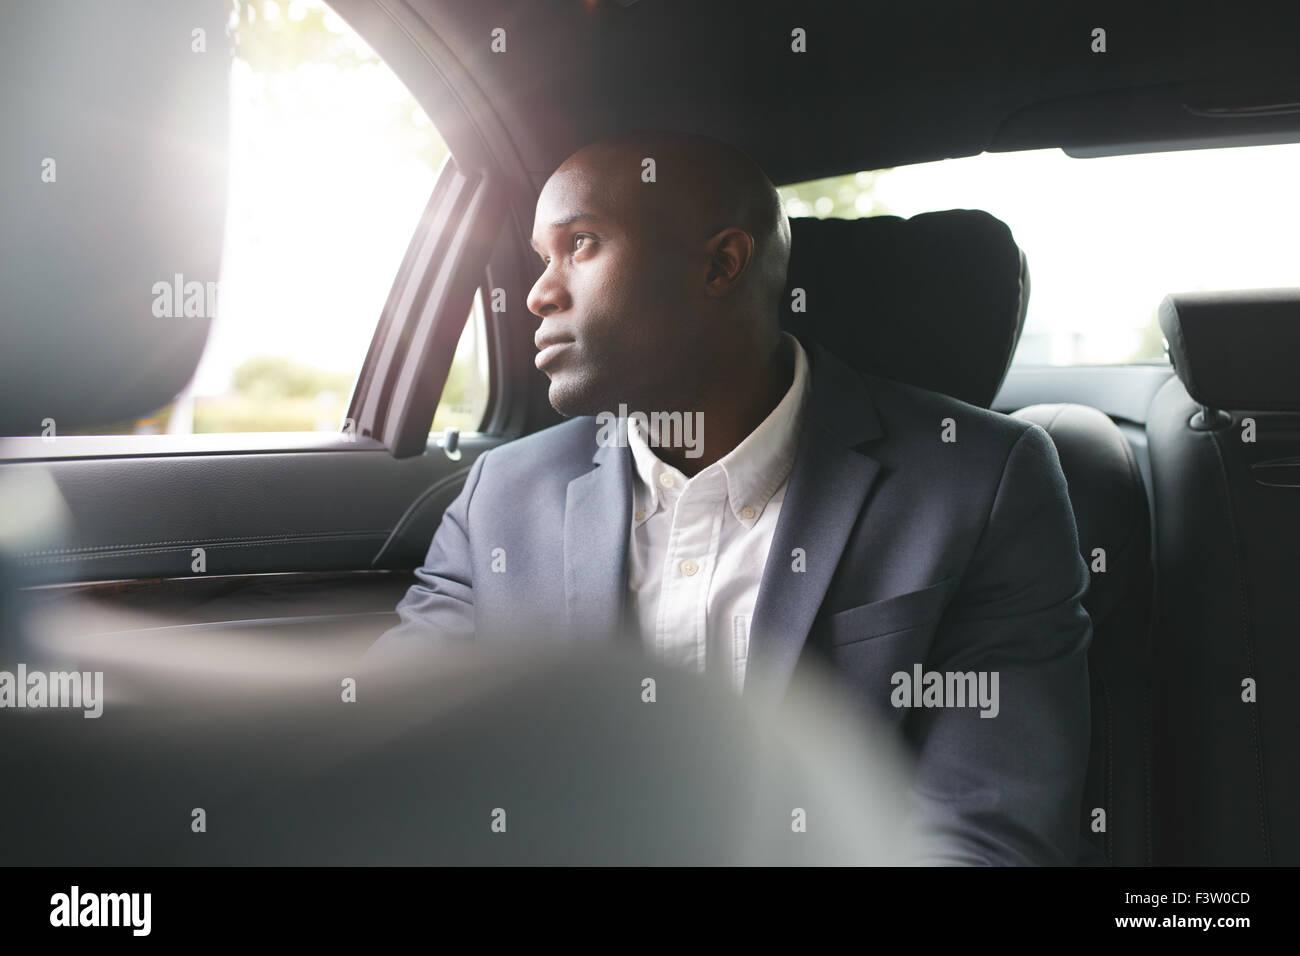 Giovane africano uomo d'affari in viaggio per lavoro in auto di lusso sul sedile posteriore di guardare fuori Immagini Stock